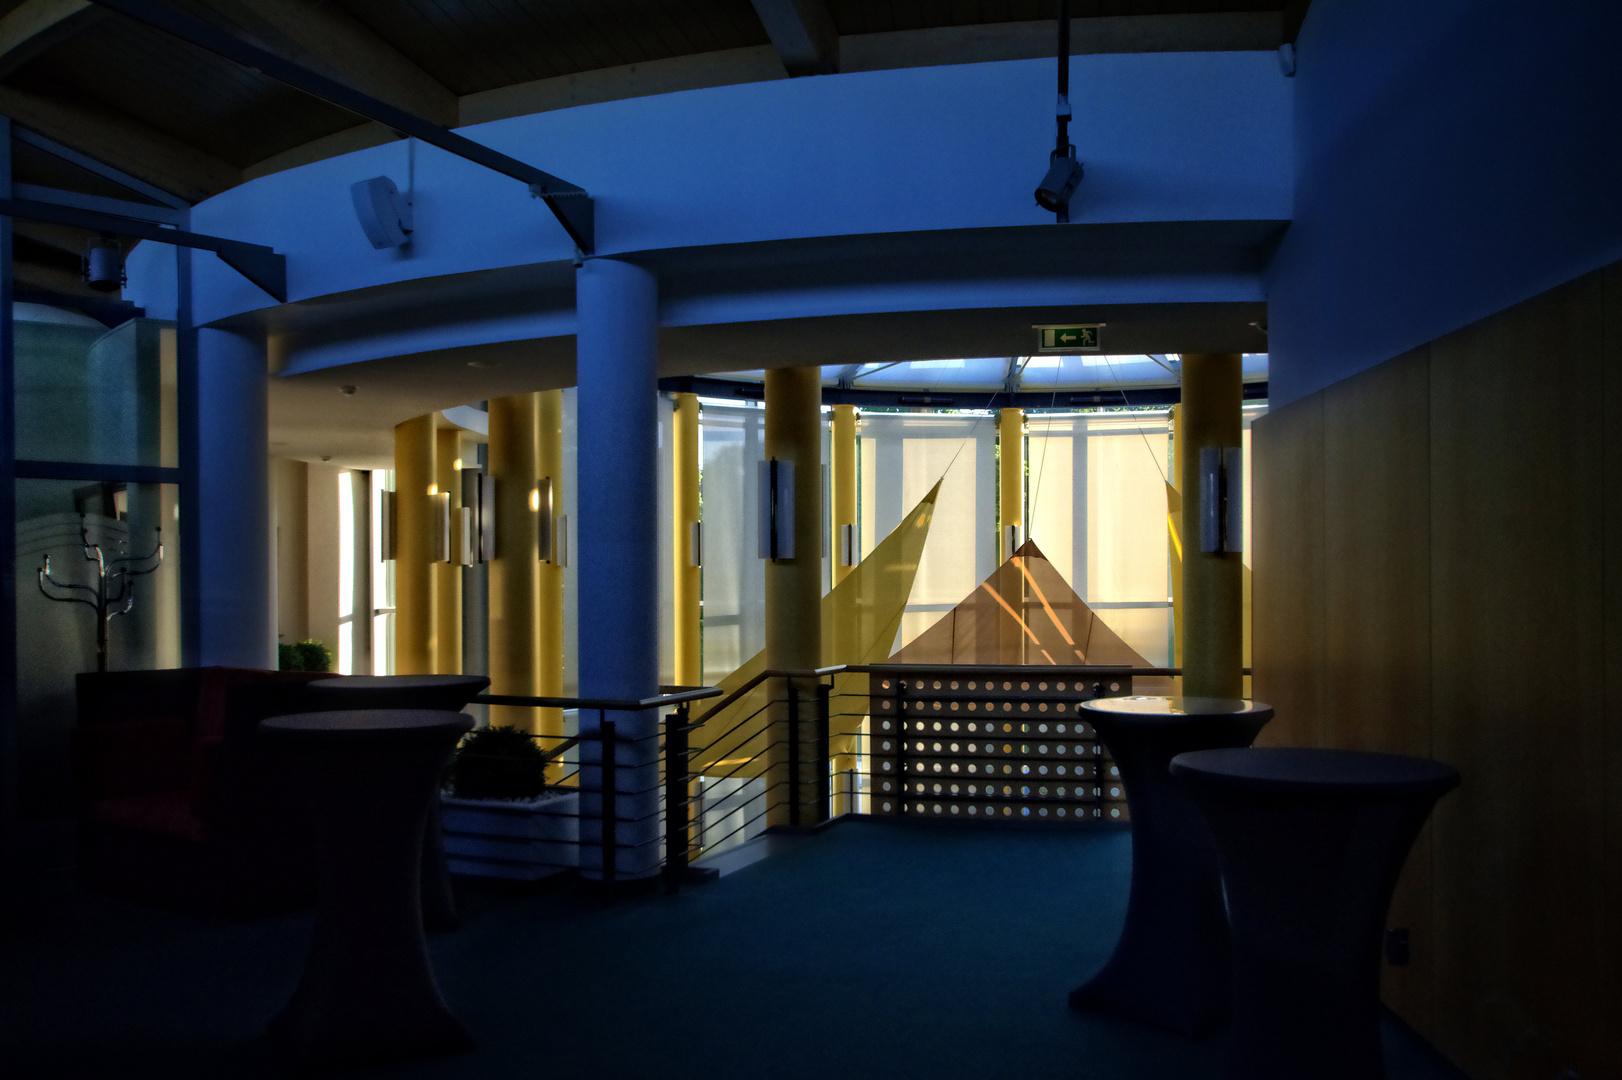 Impressionen vom Vitalpark in Heilbad Heiligenstadt Ansicht 1